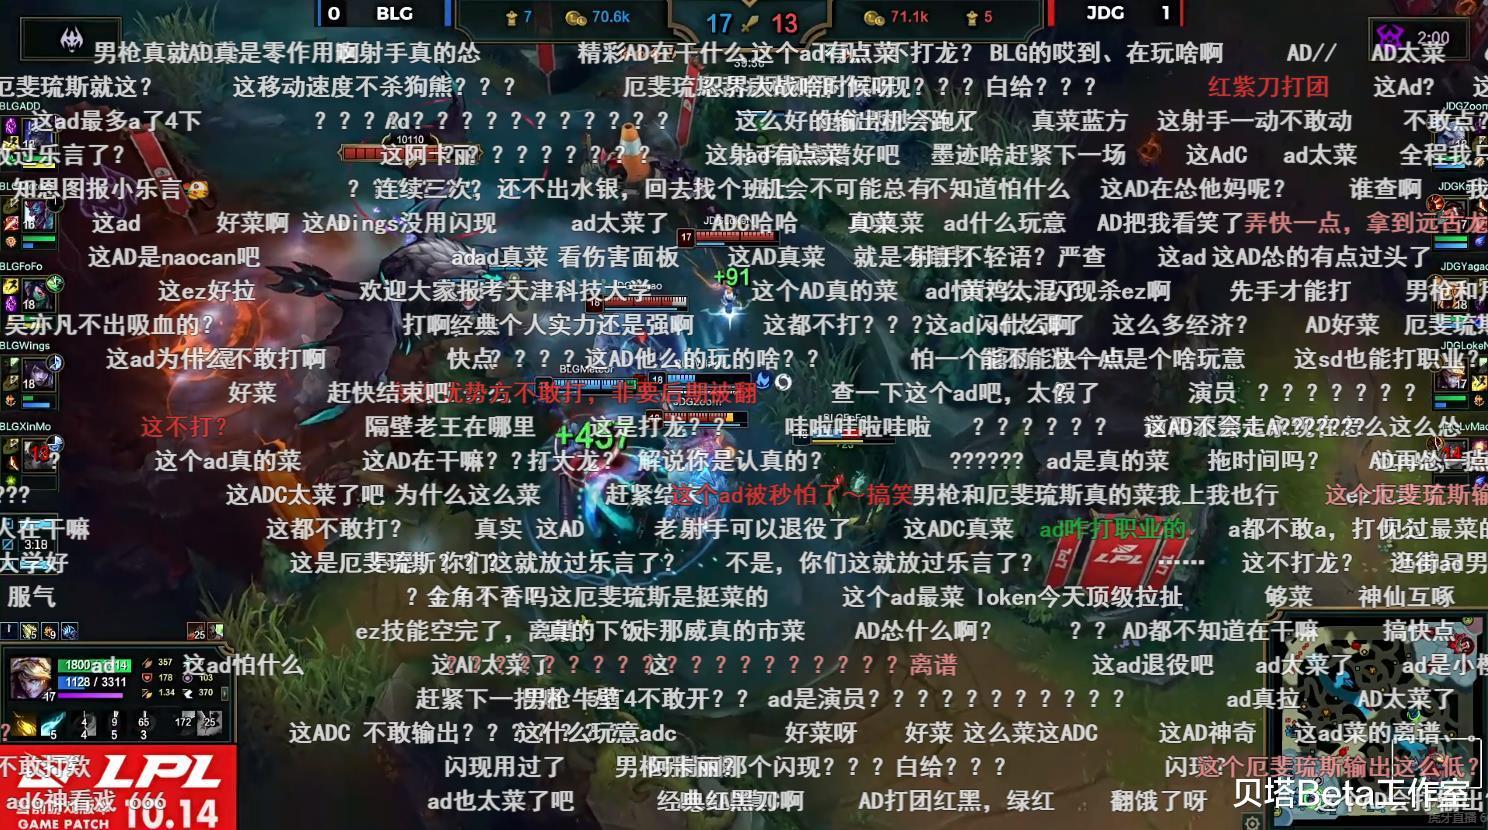 《【煜星娱乐公司】wings葬送好局!BLG被翻盘0-2不敌JDG!弹幕吐槽:最菜厄斐琉斯》